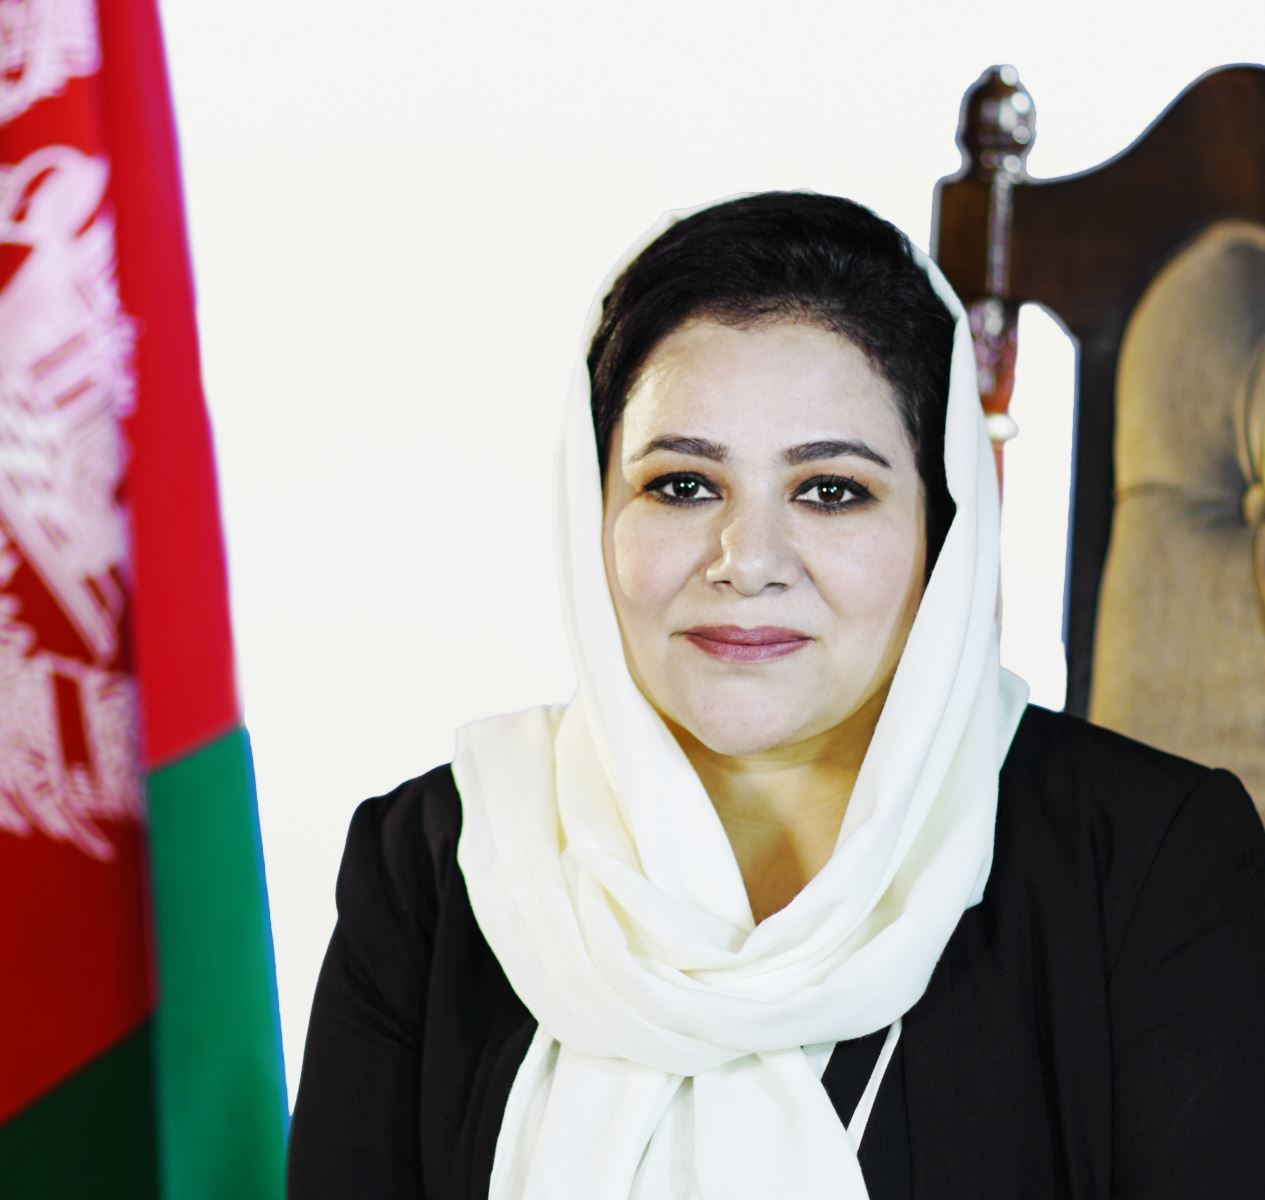 Minister Momp